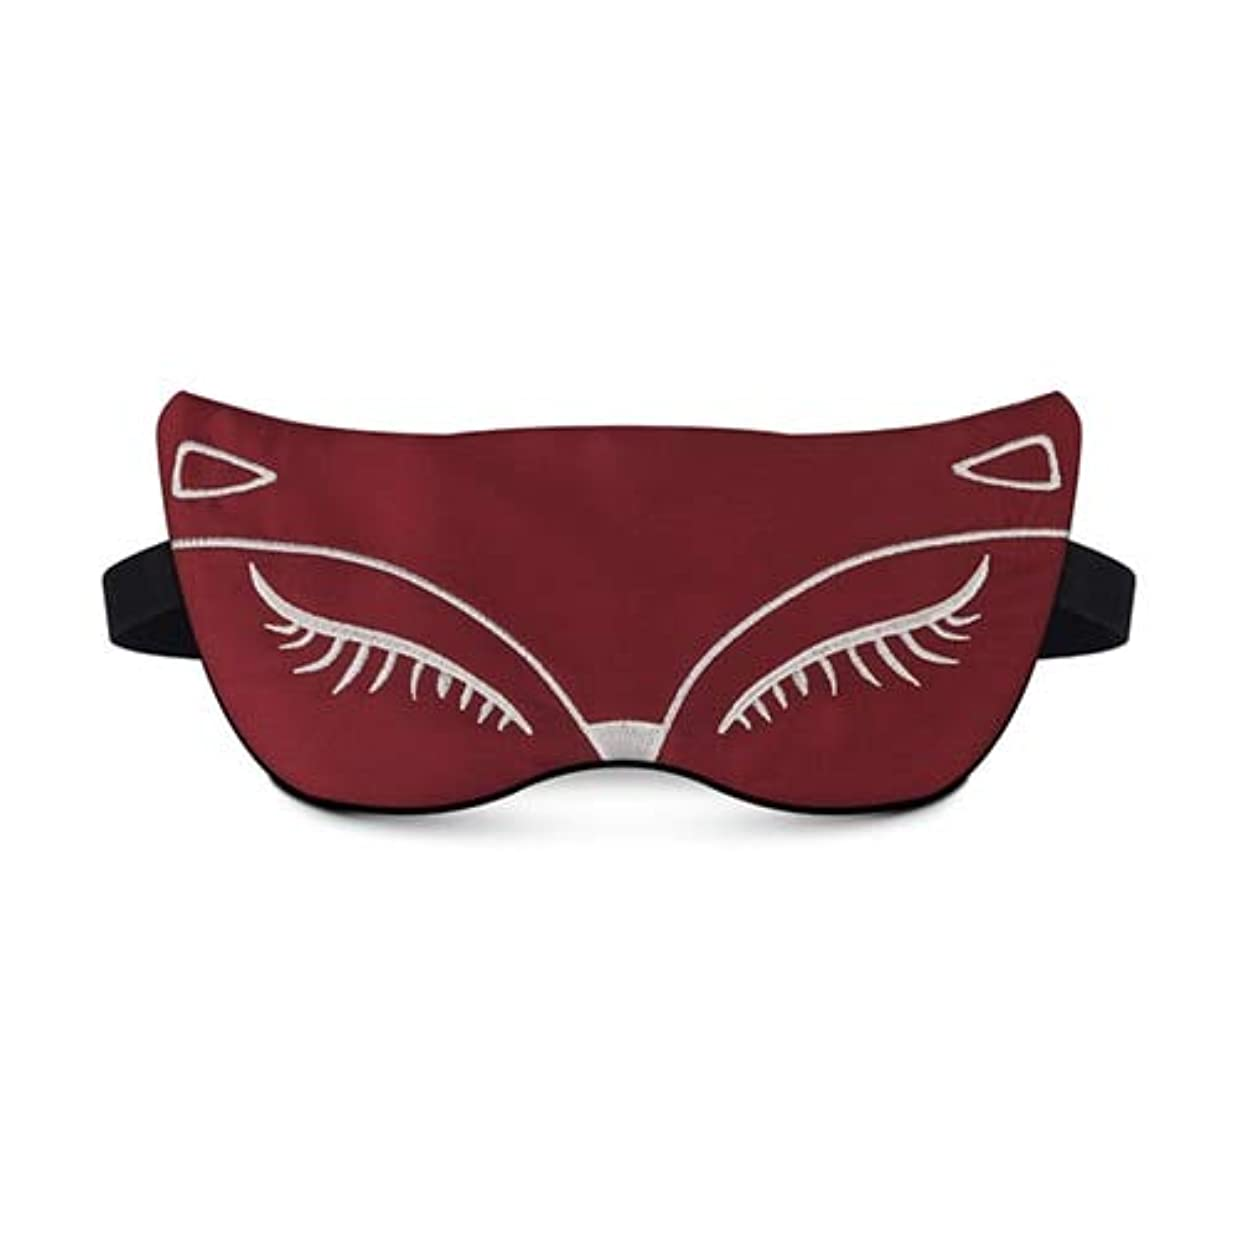 NOTE Protableソフトスリックスリーピングマスクアイパッチアイマスクかわいいリトルフォックス刺繍ライトシェーディングクリエイティブ旅行リラックス睡眠補助